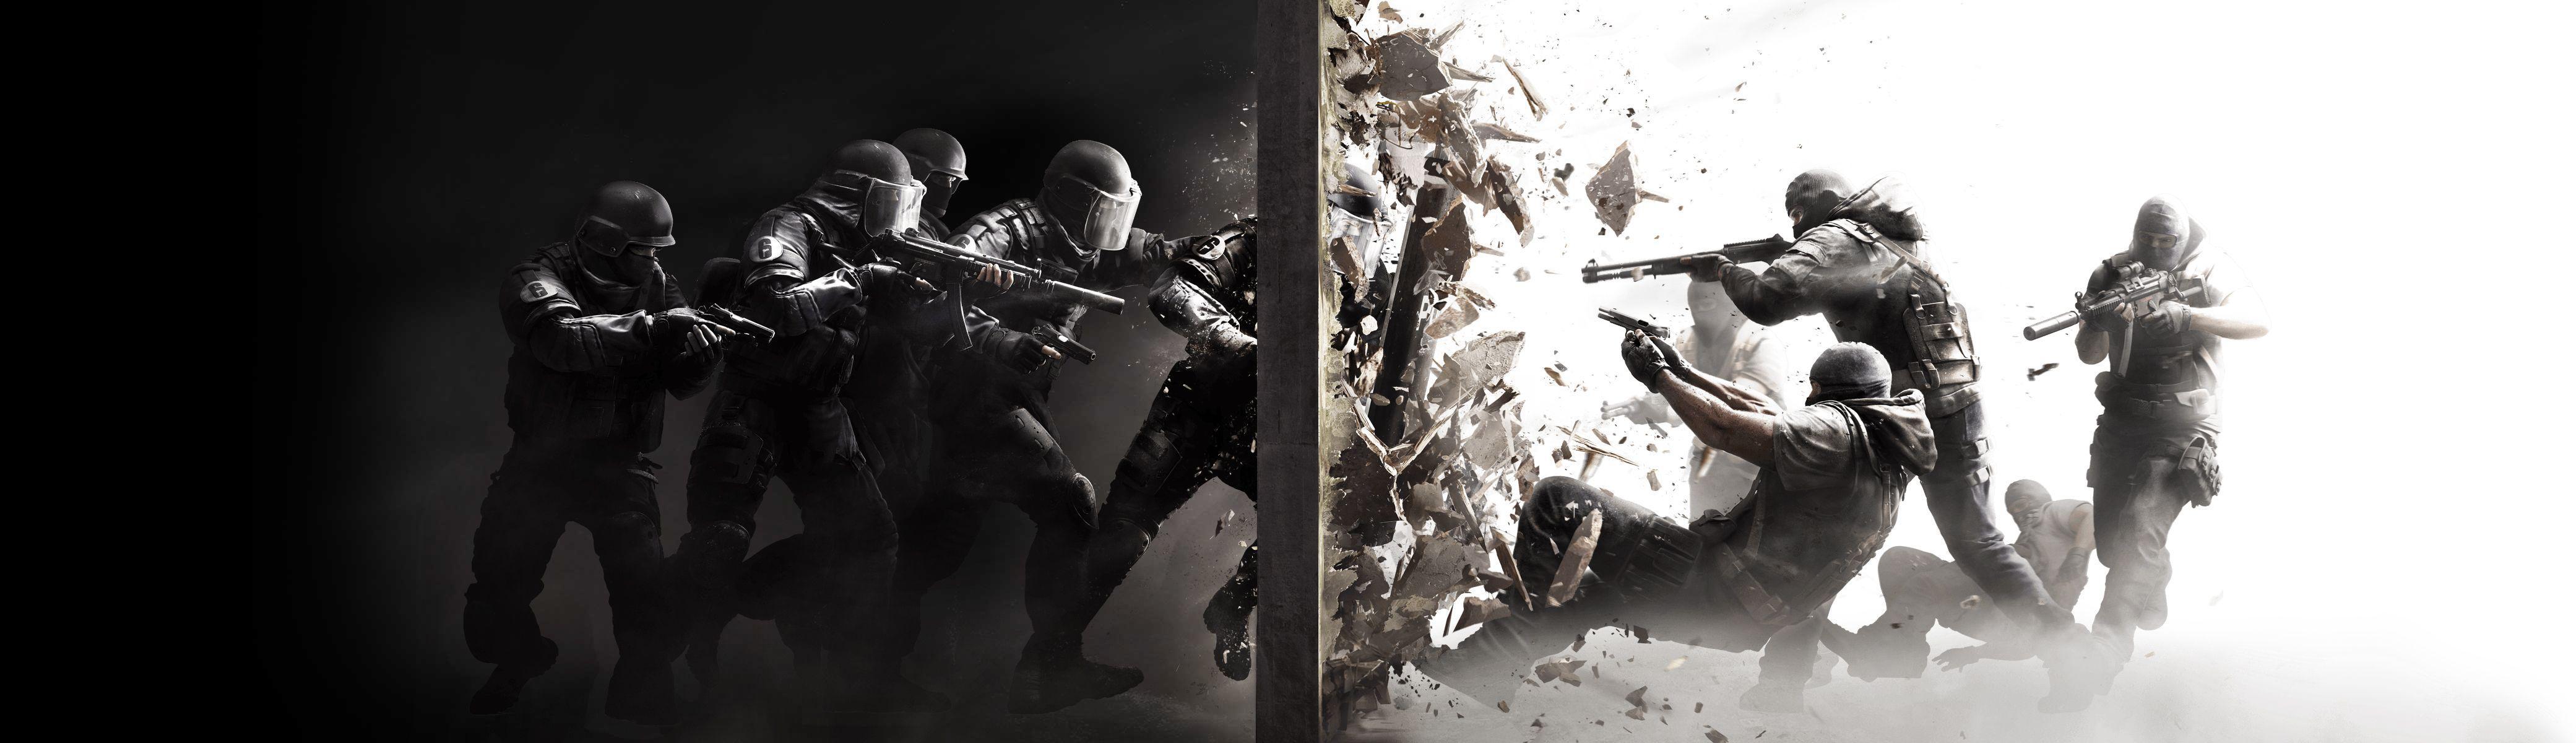 Tom Clancy's Rainbow Six: Siege Computer Wallpapers, Desktop ...